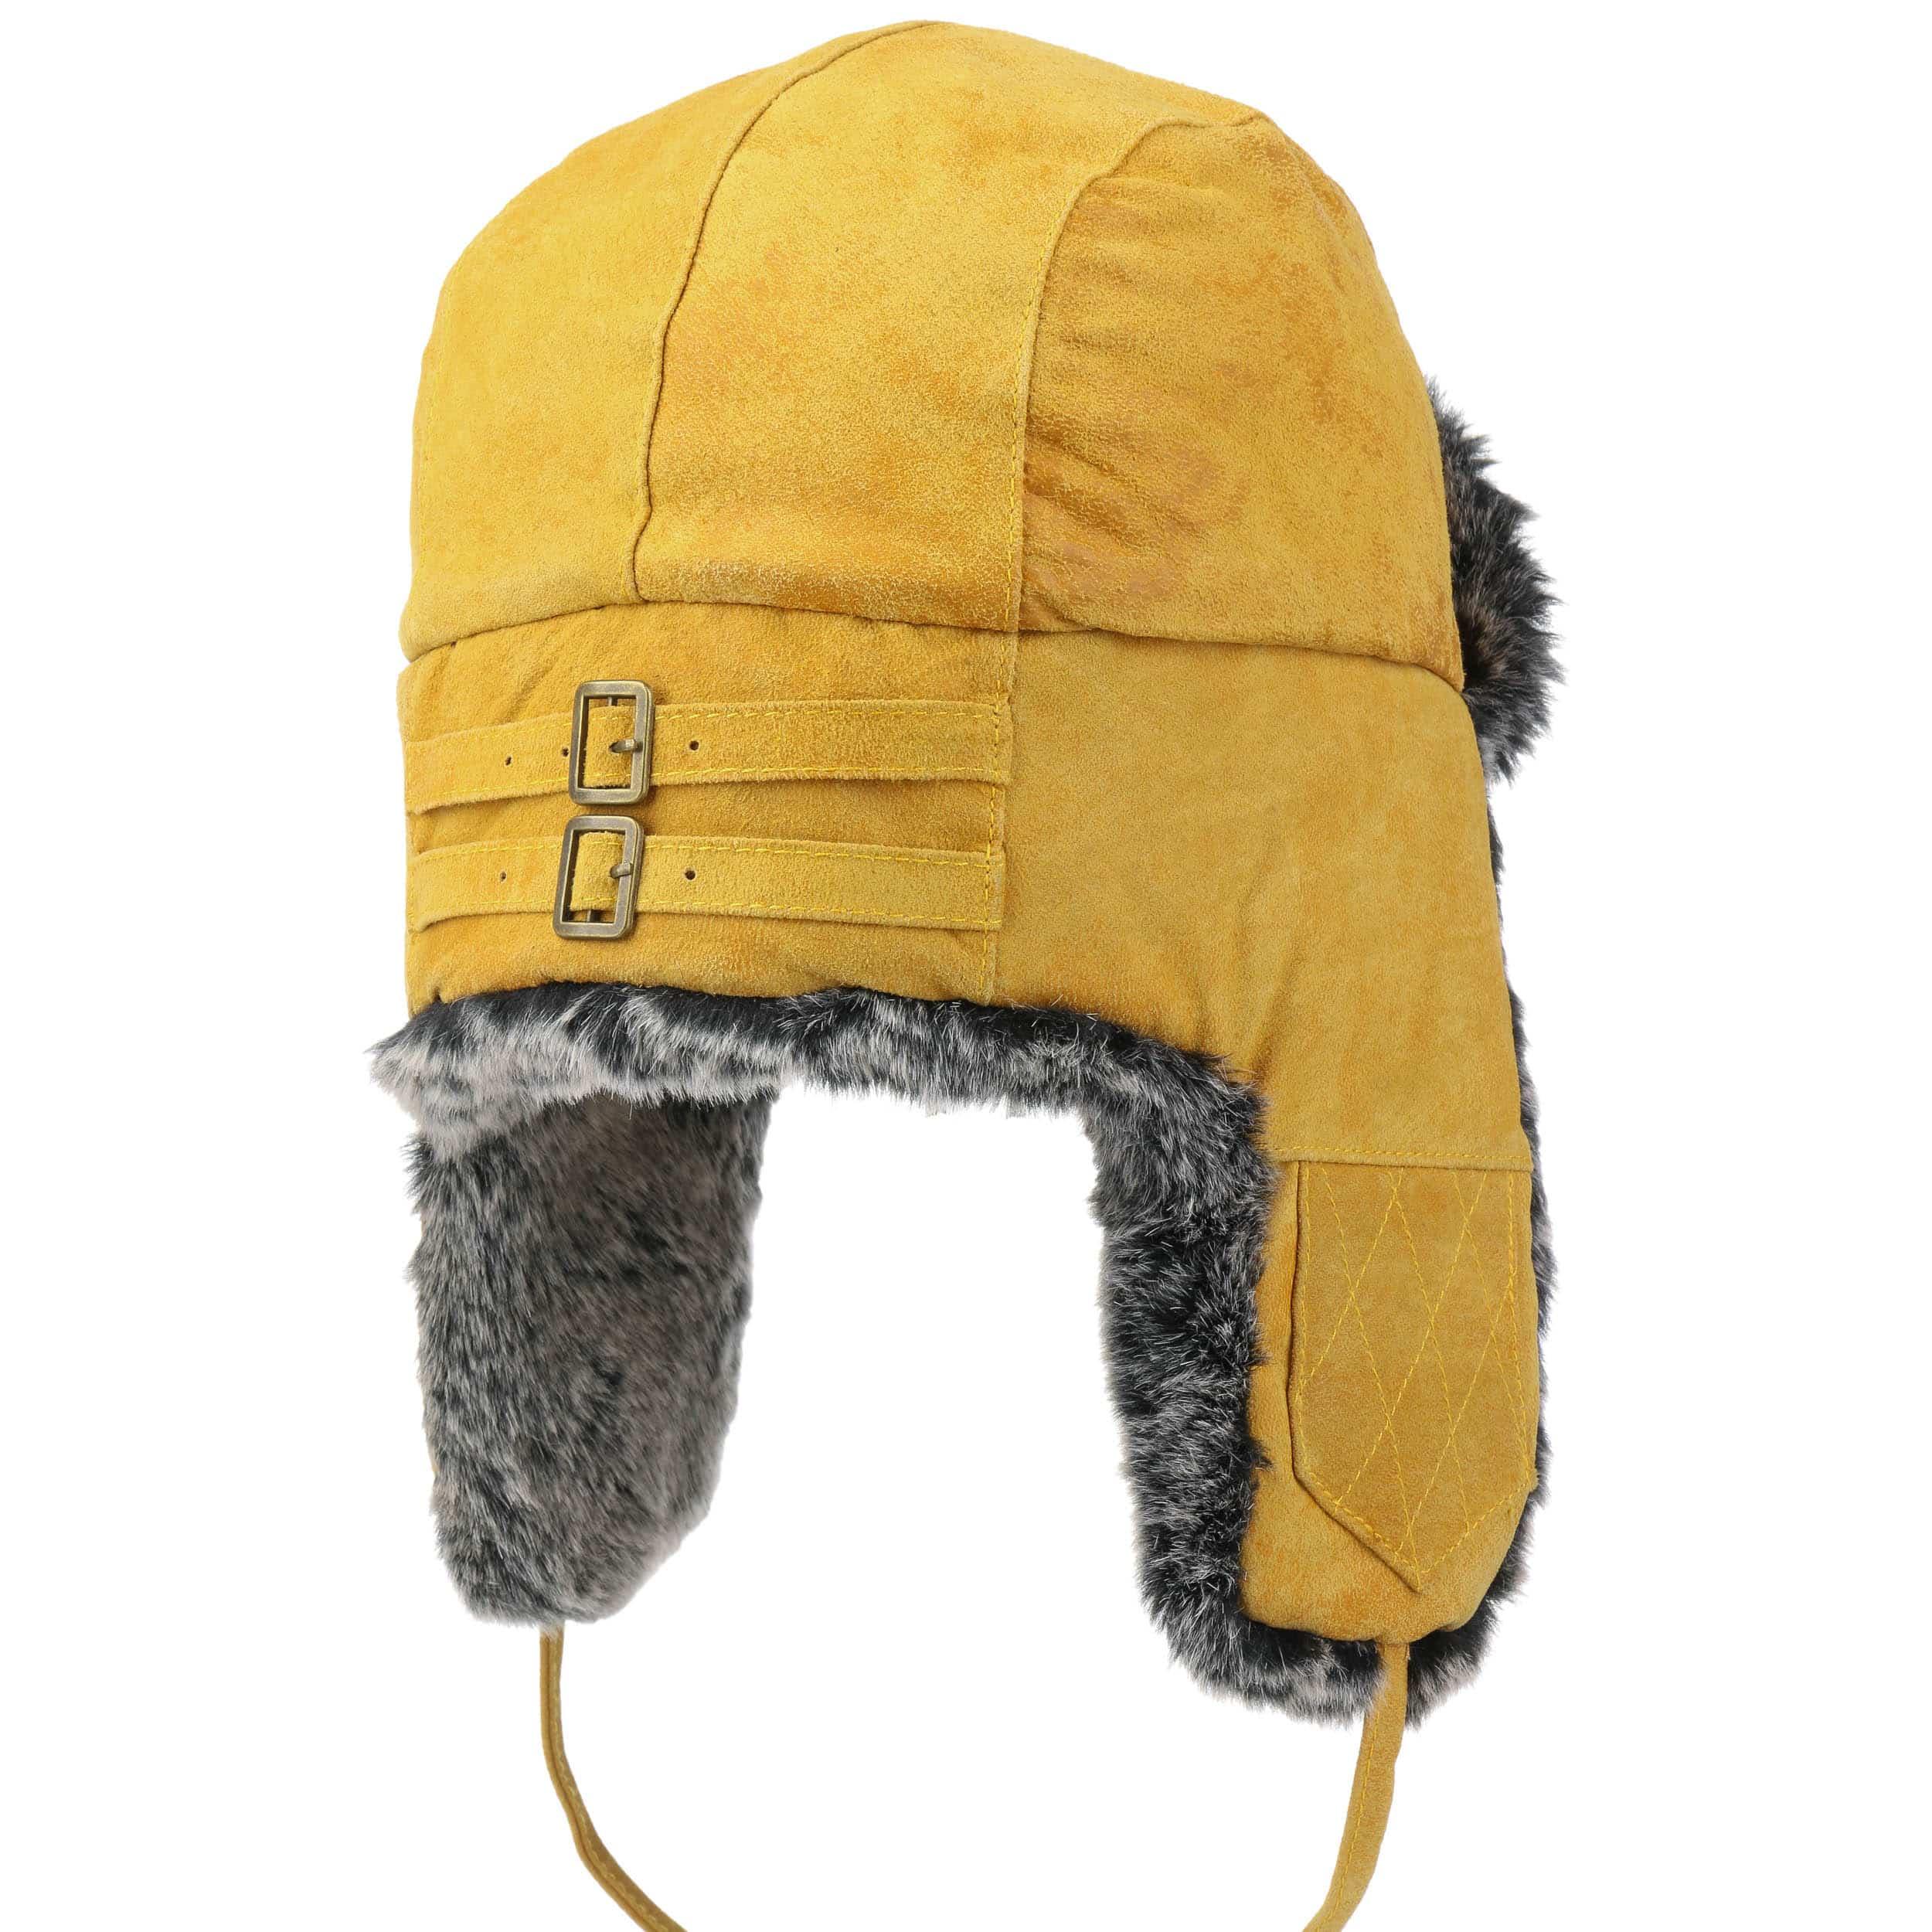 ... Lamont Pigskin Aviator Hat by Stetson - yellow 3 ... 4368dc7b360